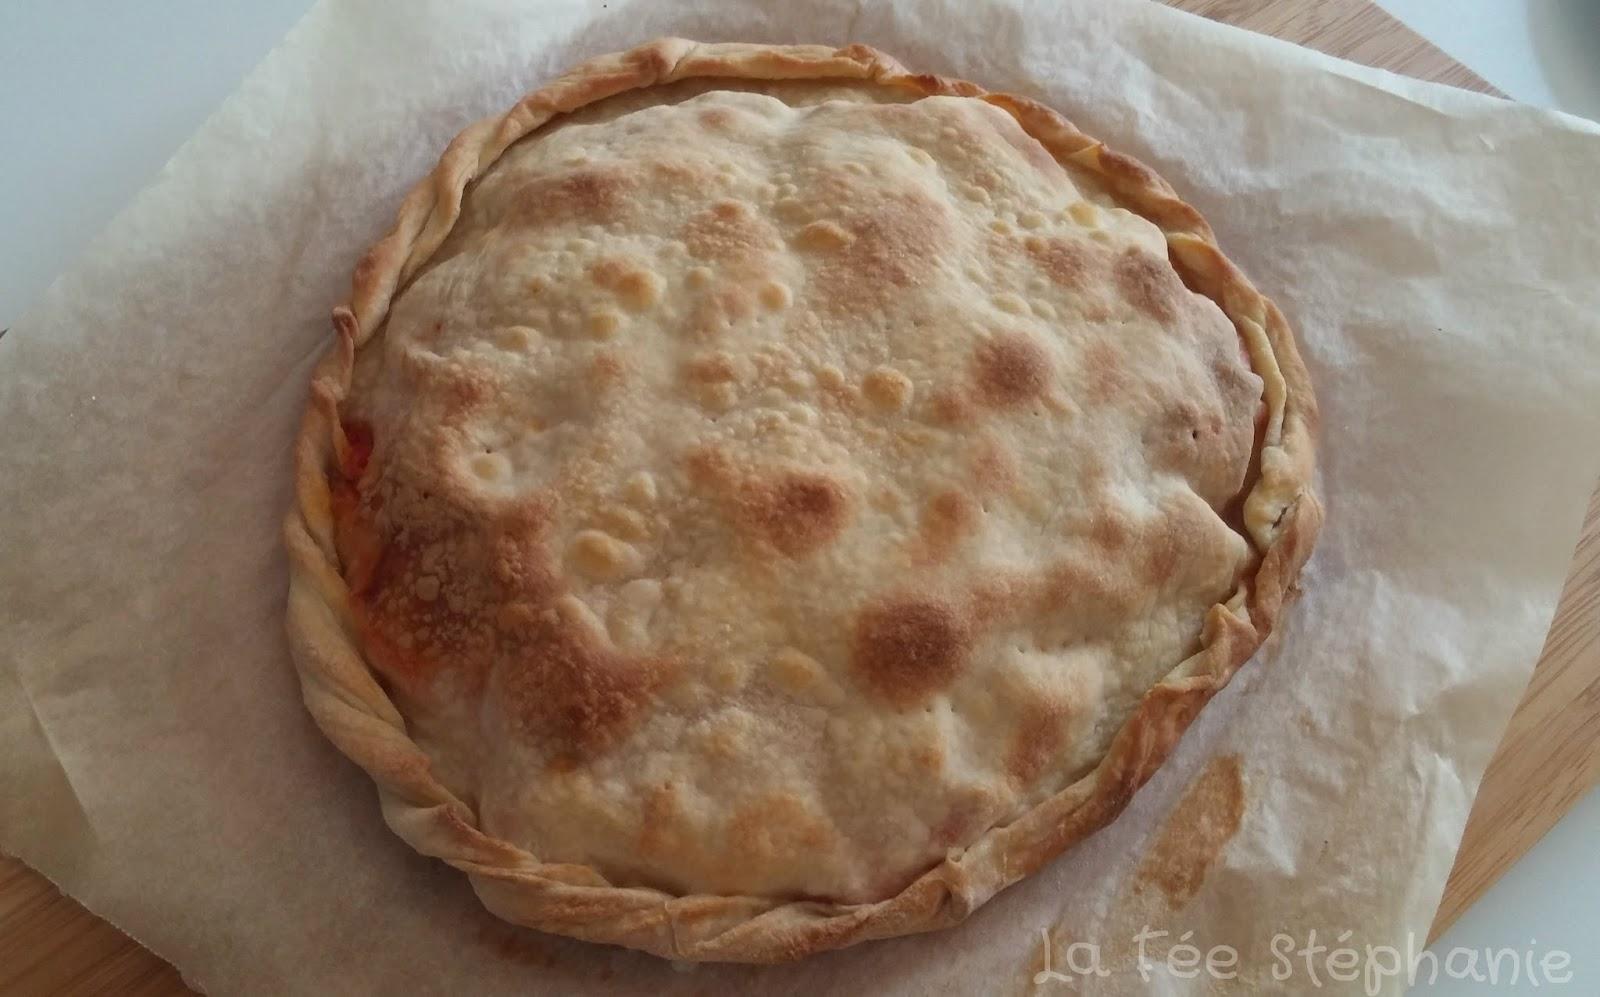 comment faire une pizza farcie recette facile de la p 226 te 224 pizza et de la farce aux artichauts